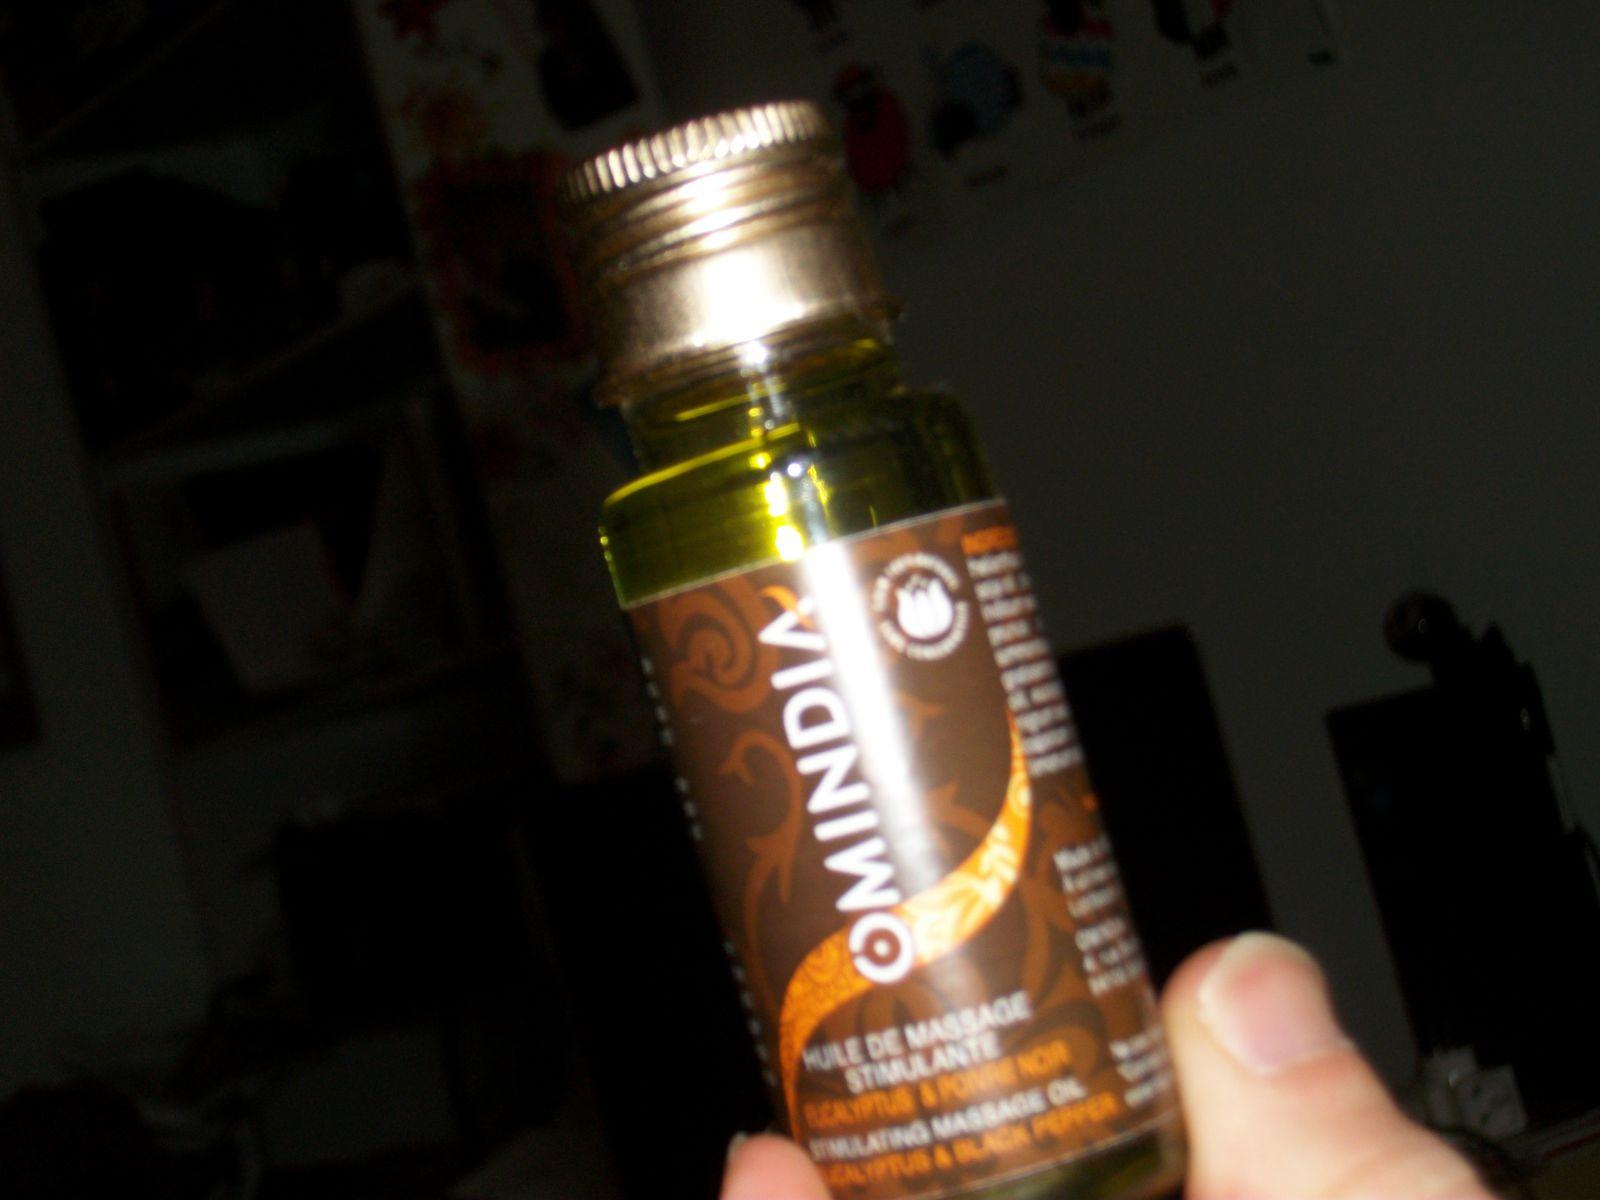 une huile de massage pour stimuler la circulation sanguine, et calmer les douleurs musculaires, de la marque Omindia